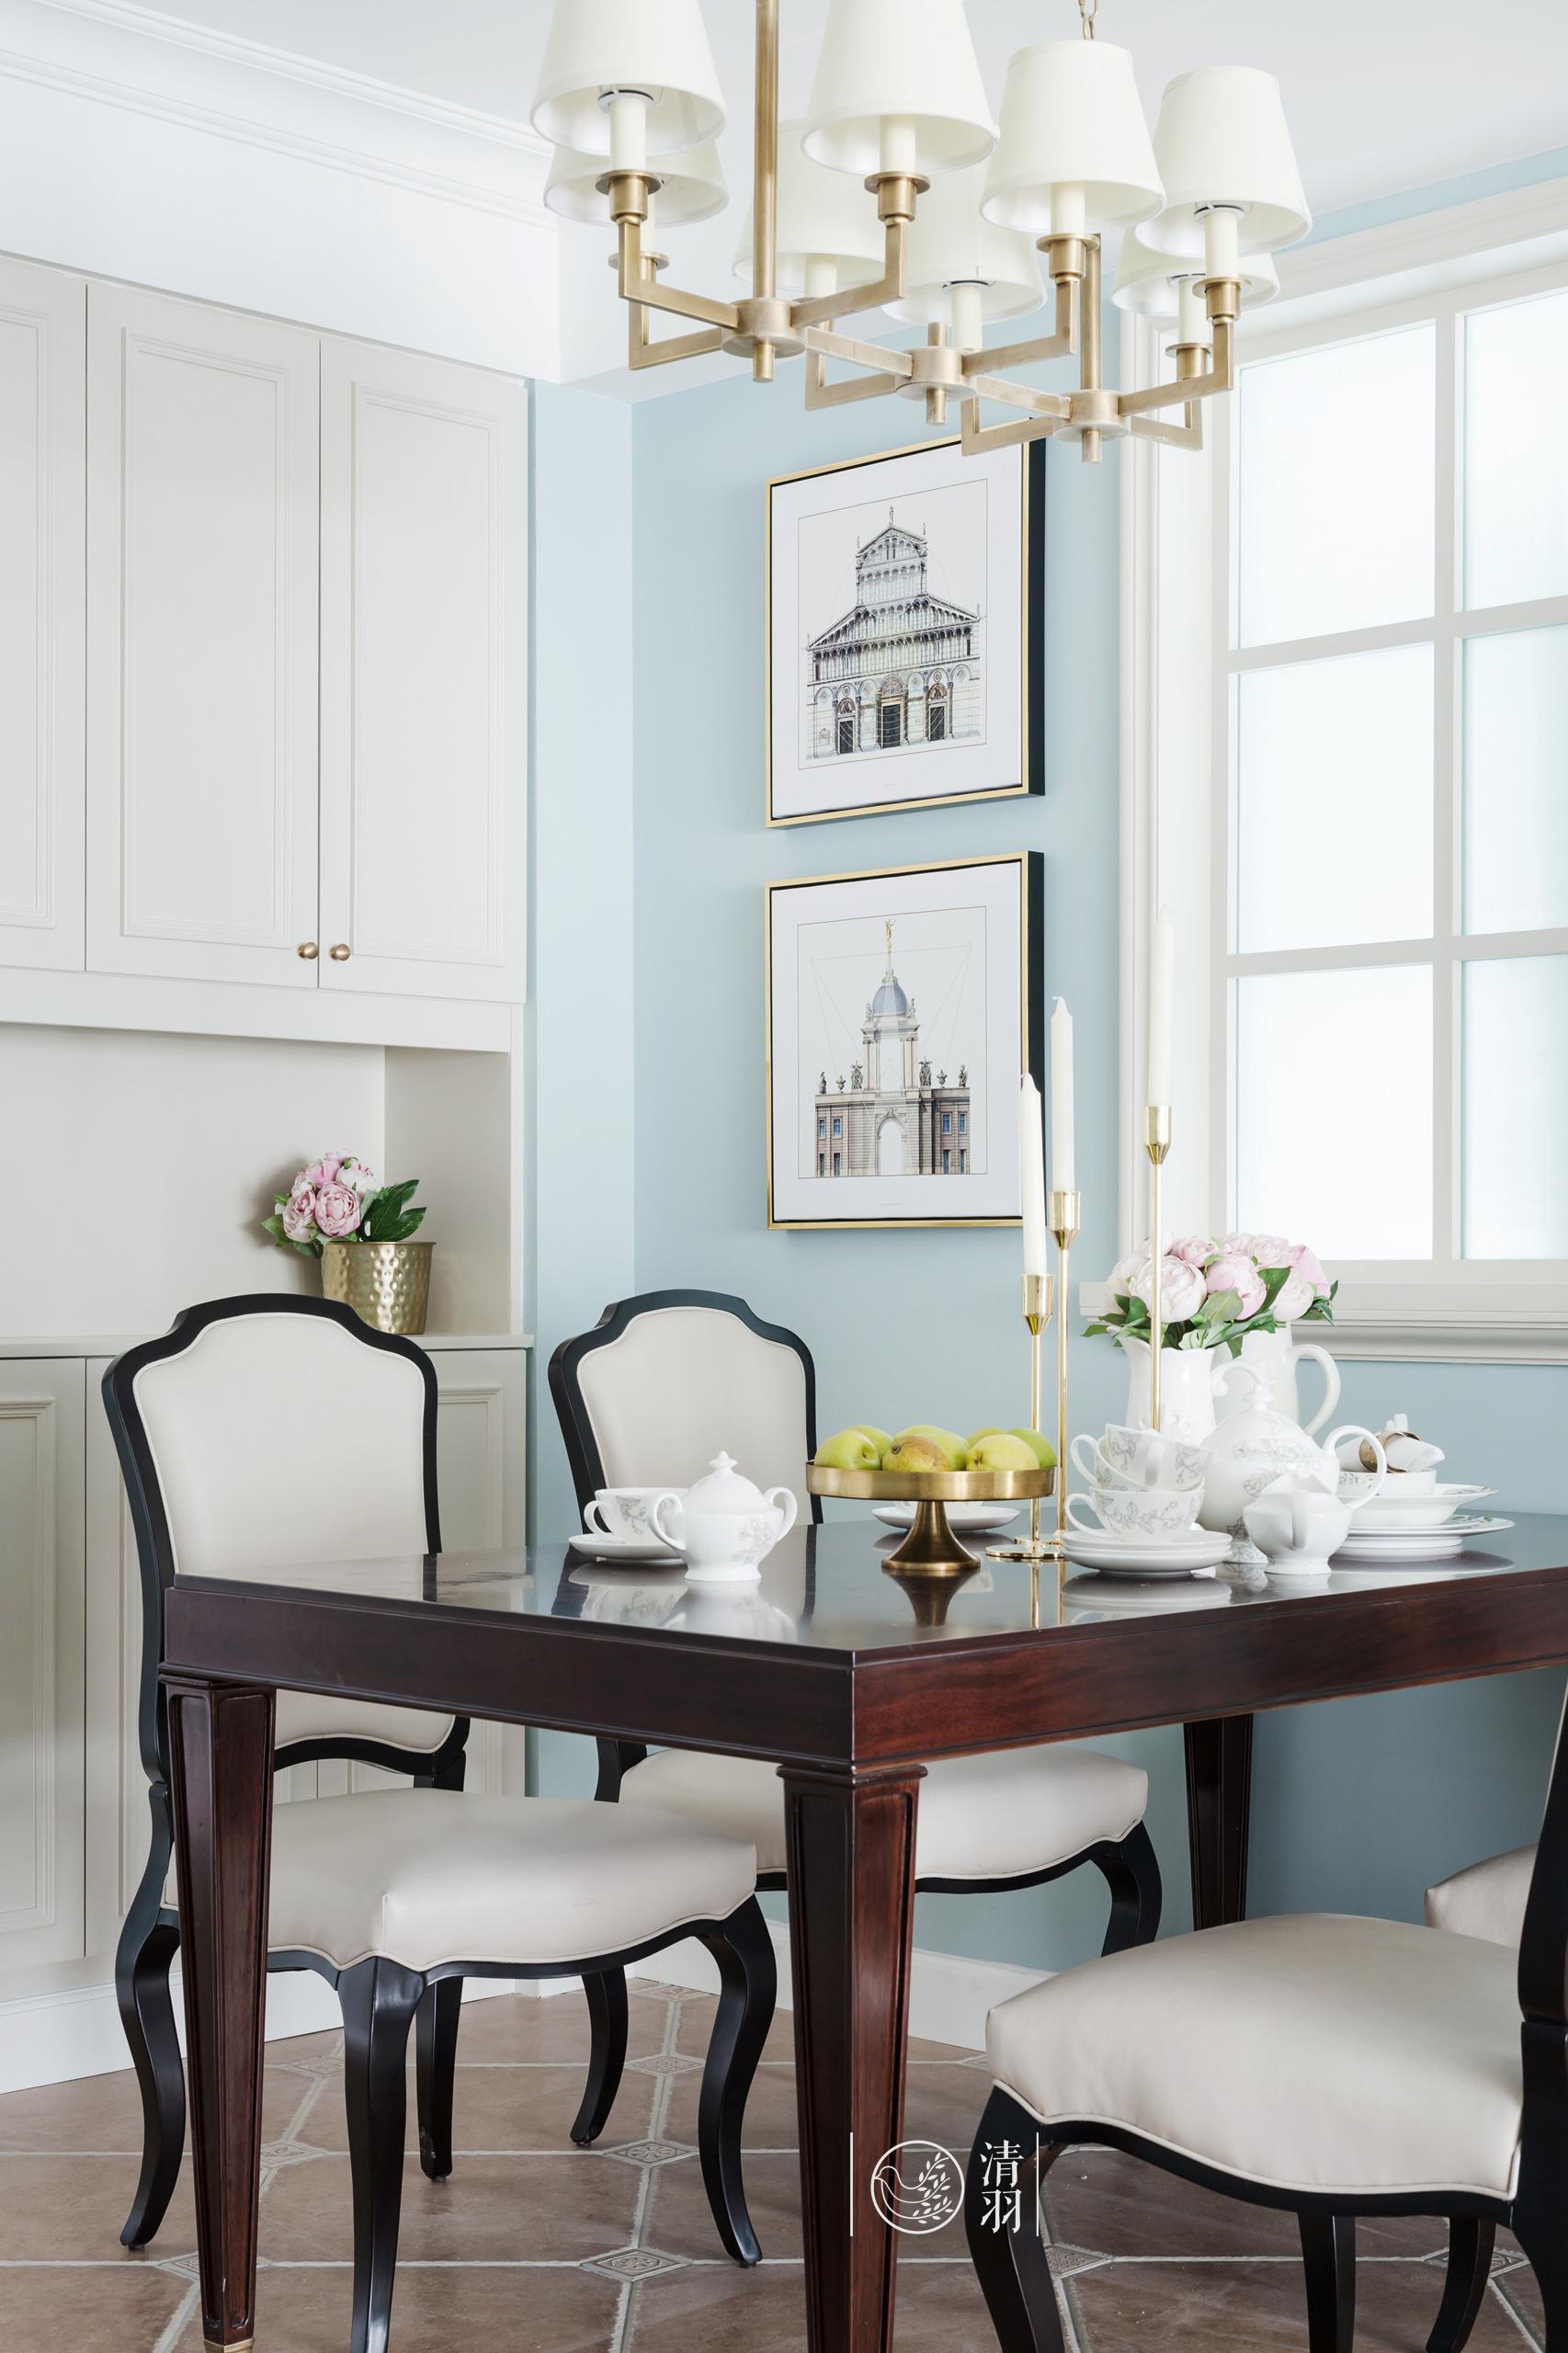 餐厅 餐桌 家居 家具 设计 书房 装修 桌 桌椅 桌子 1706_2560 竖版图片